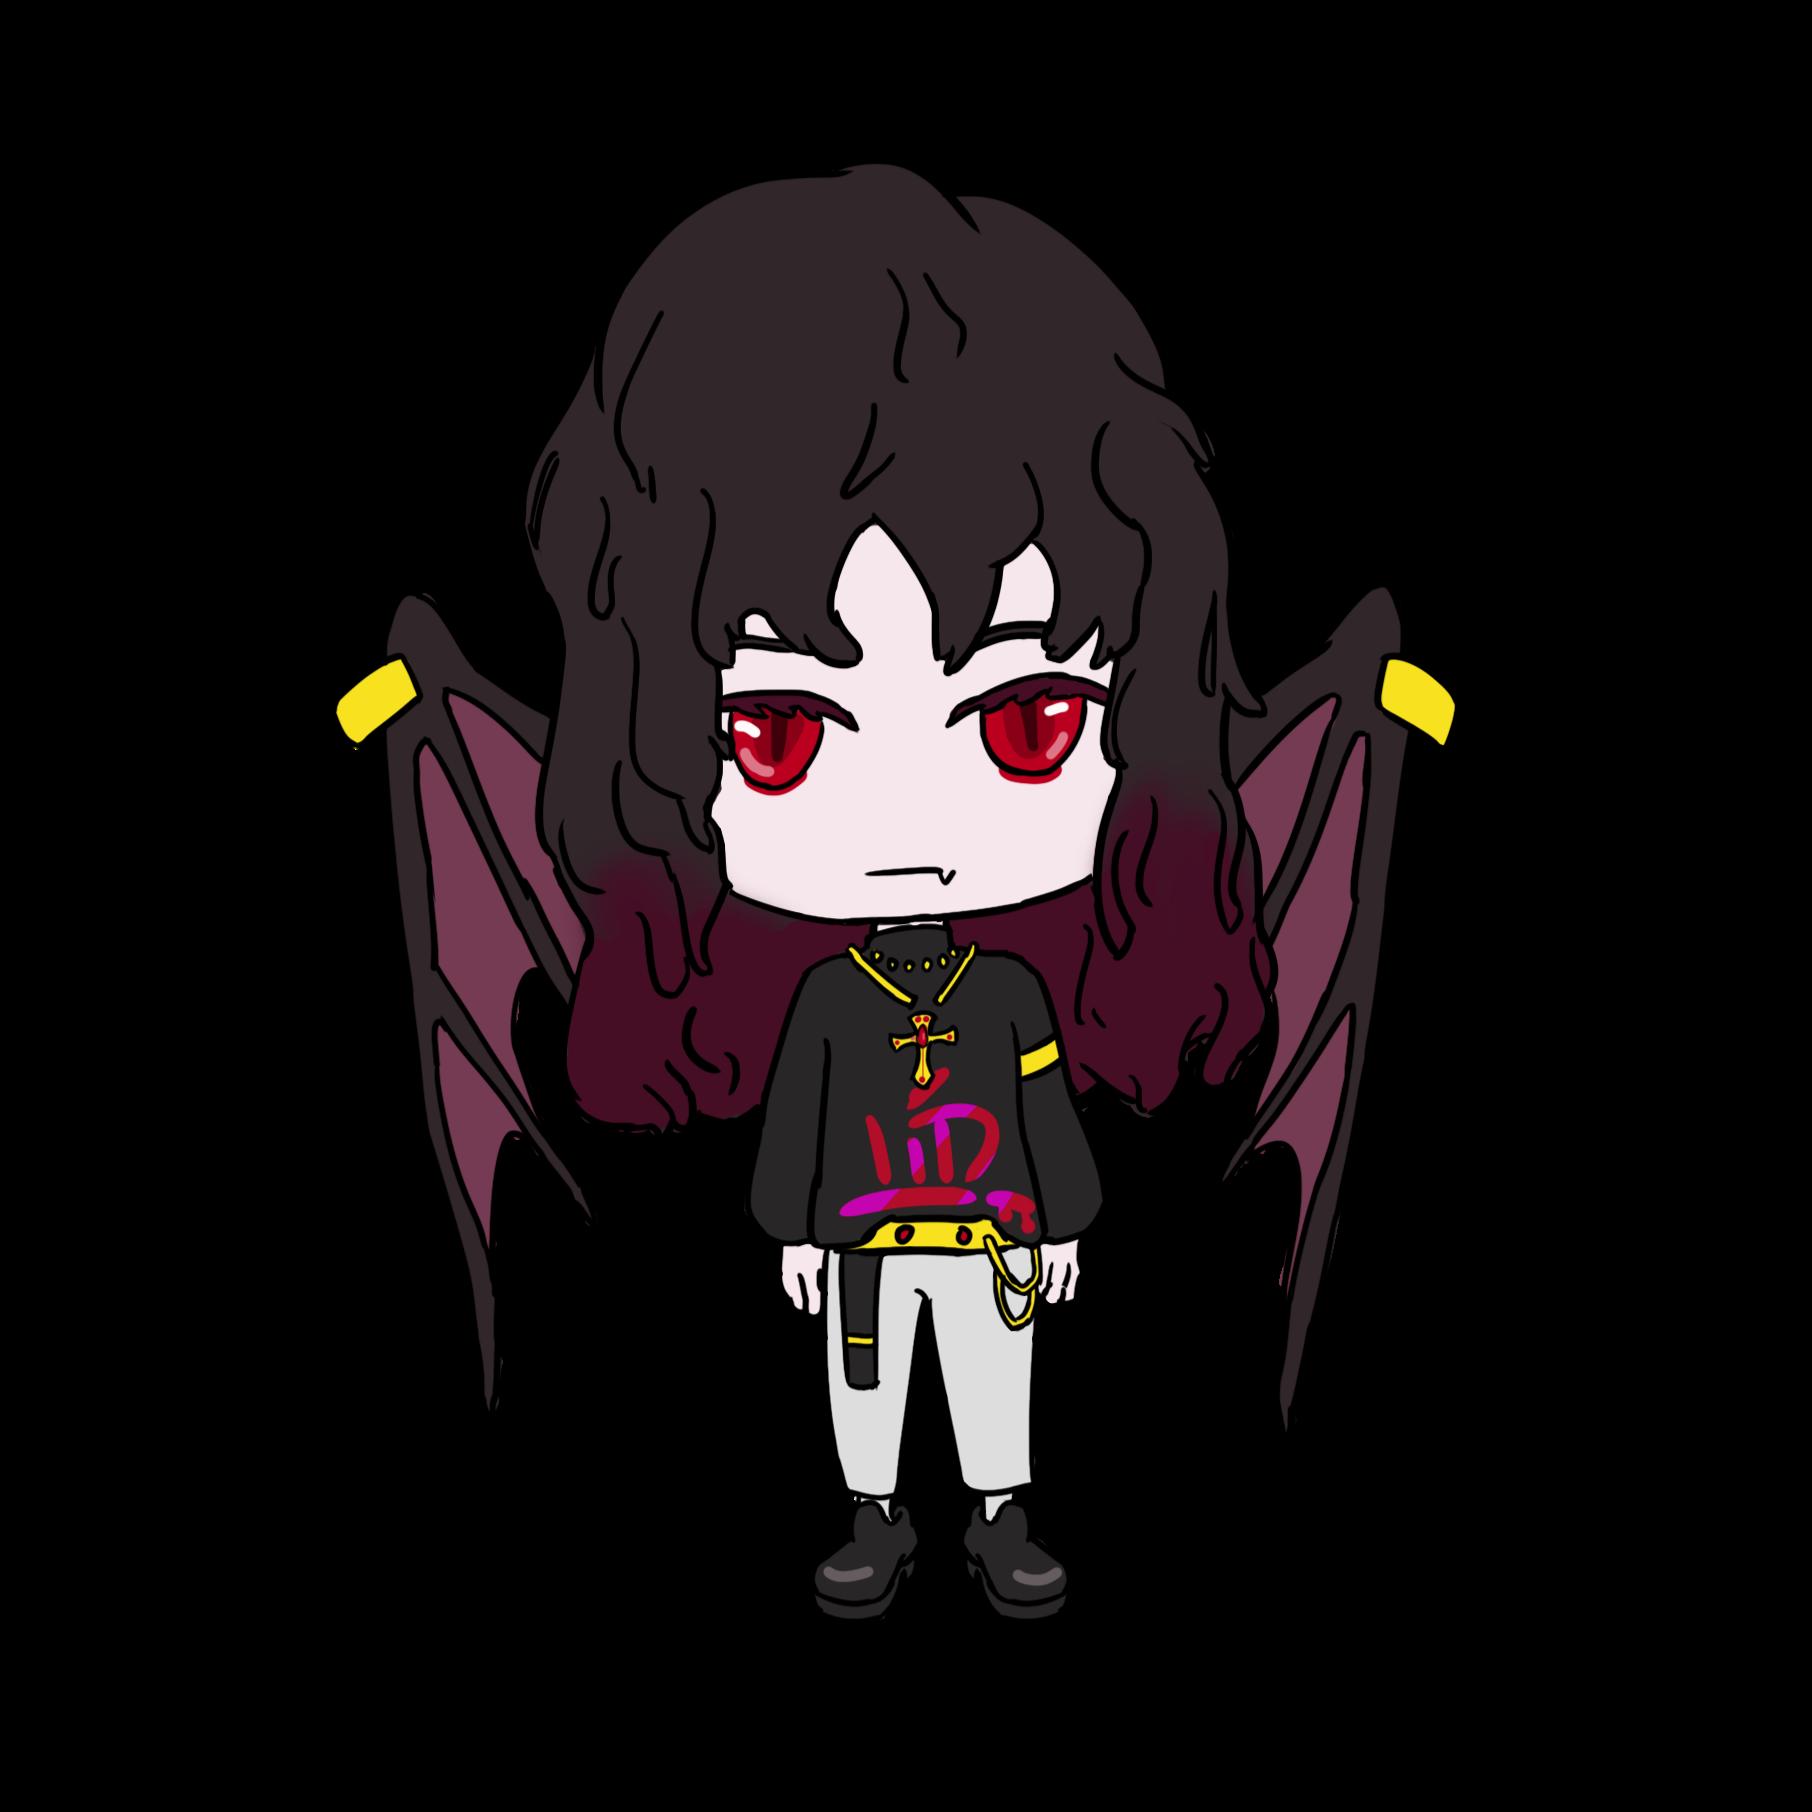 吸血鬼洛小天